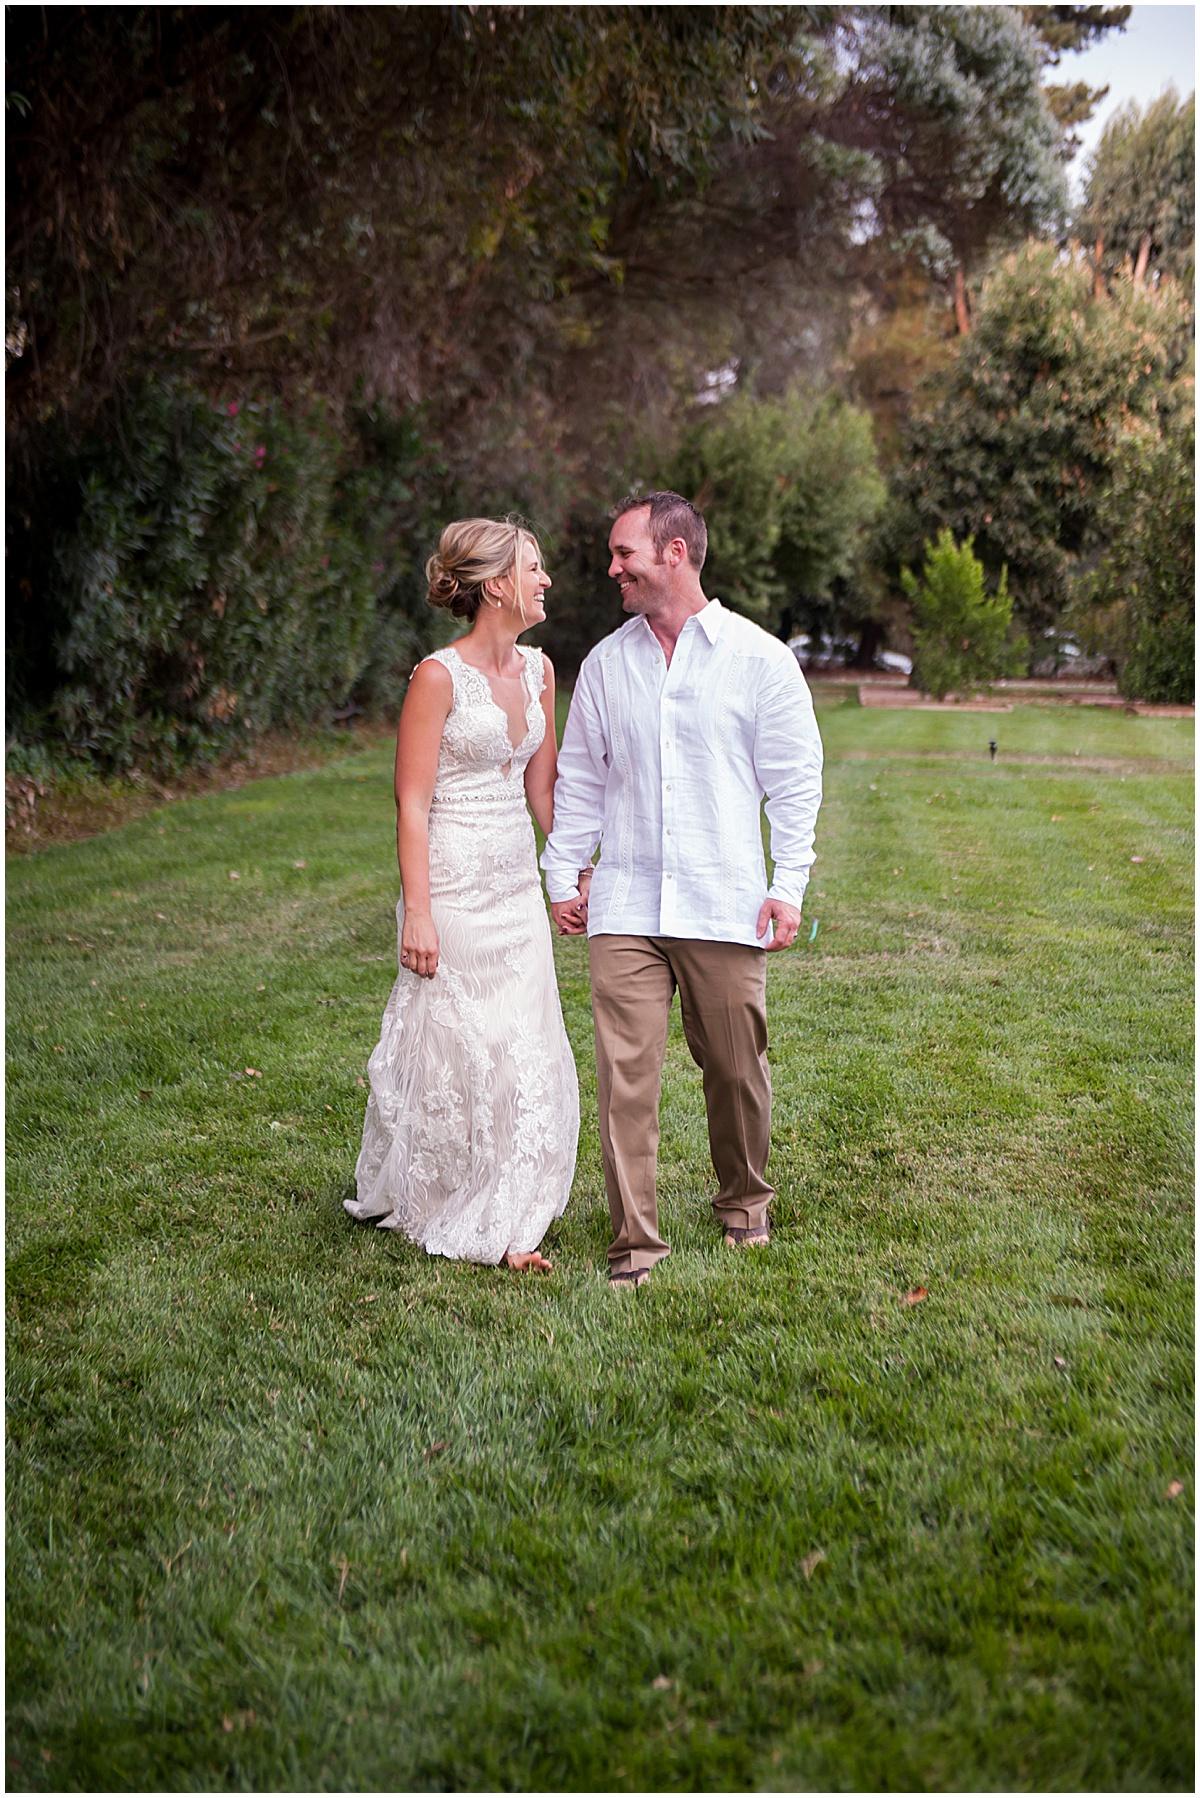 Morgan Hill Estate Botanical Wedding | Brina and Andy027